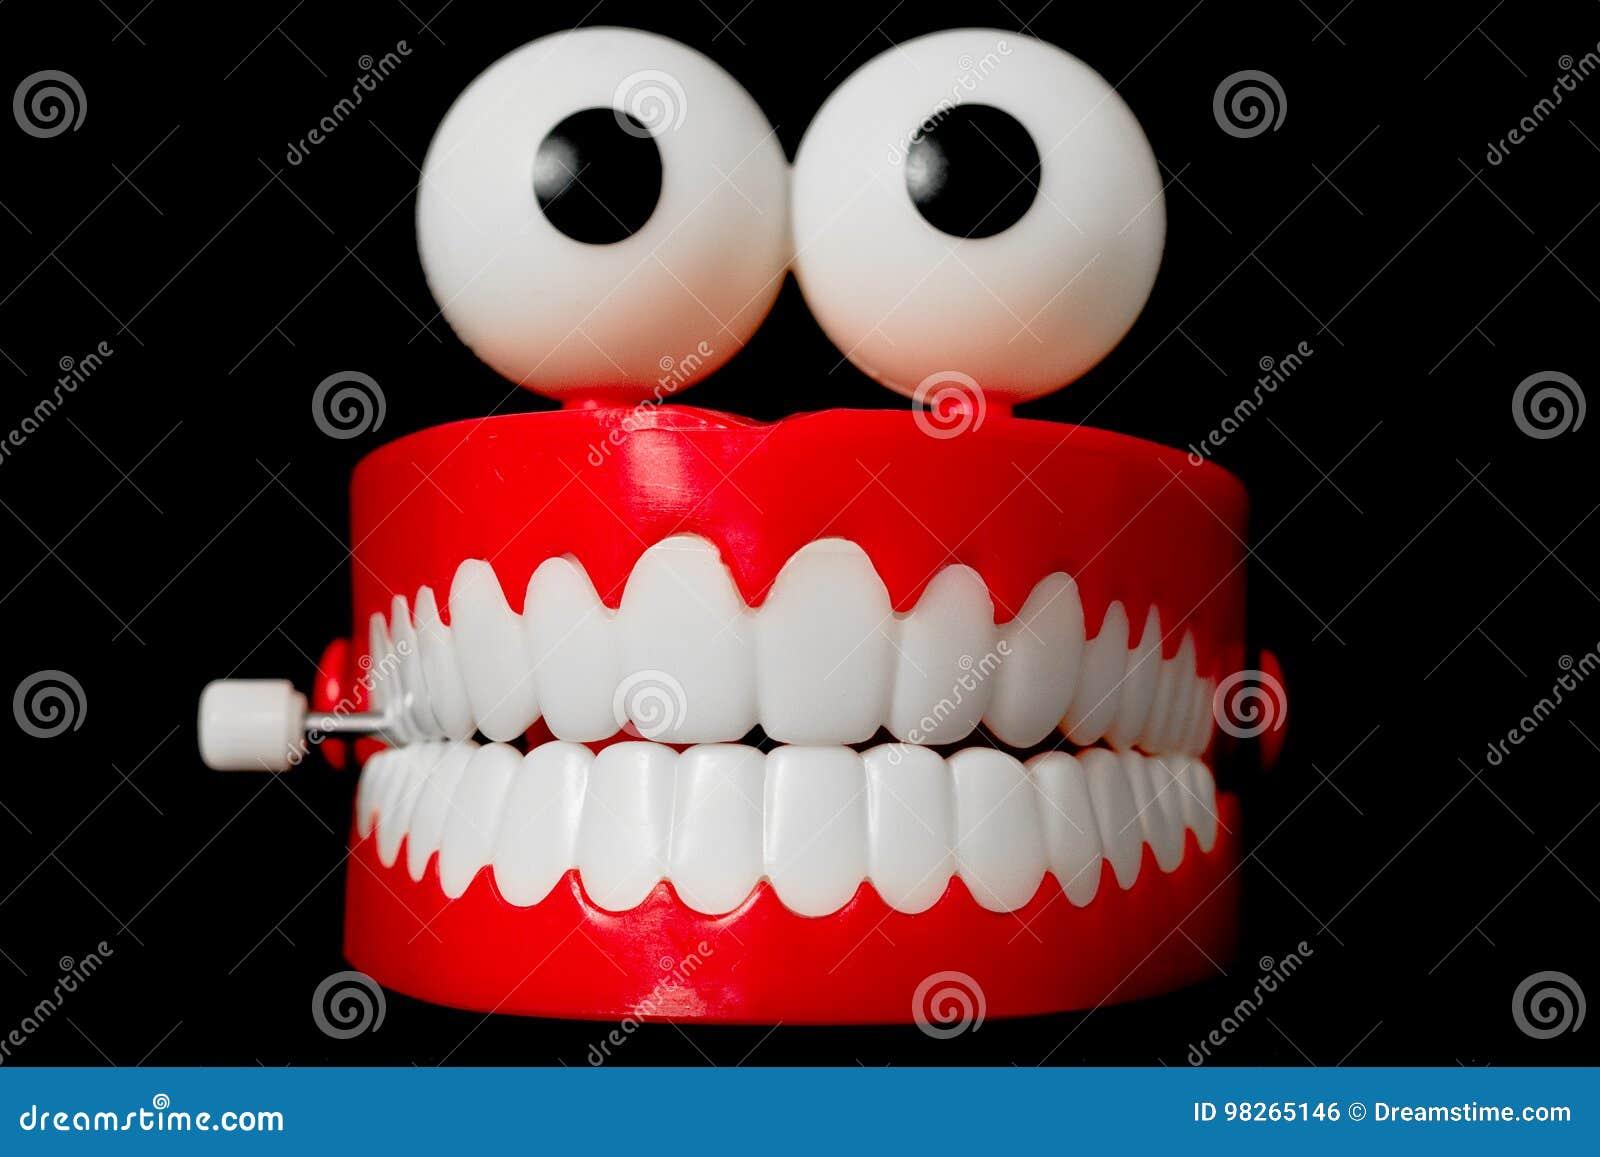 Giocattolo dei denti di schiamazzo dalla parte anteriore